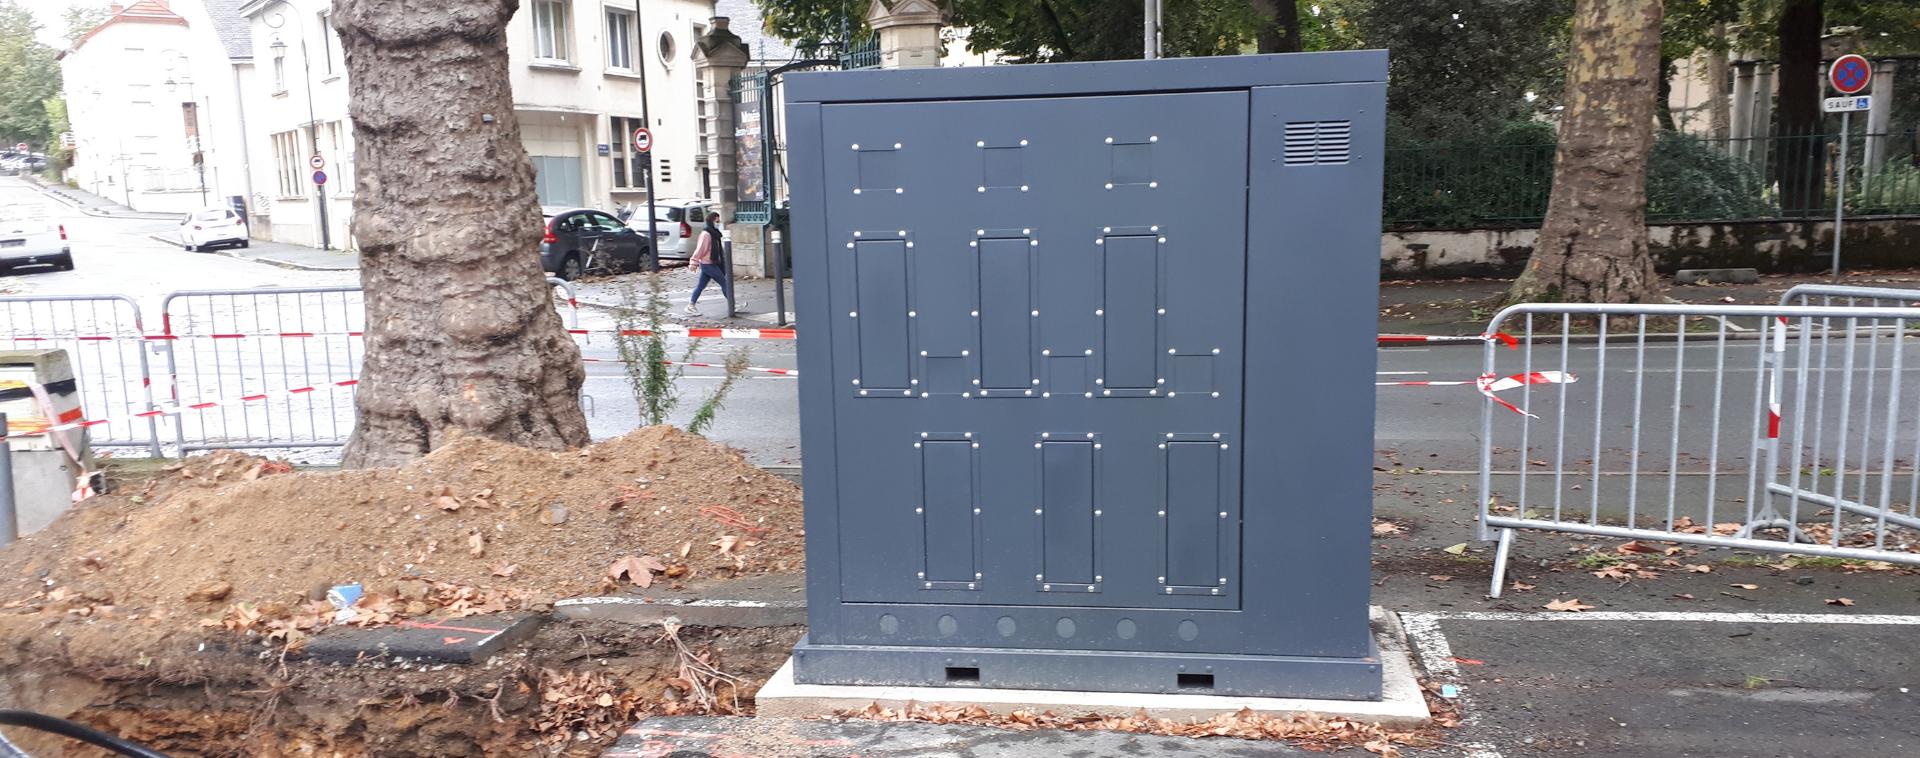 La ville d'Angers fait confiance à ADEOS